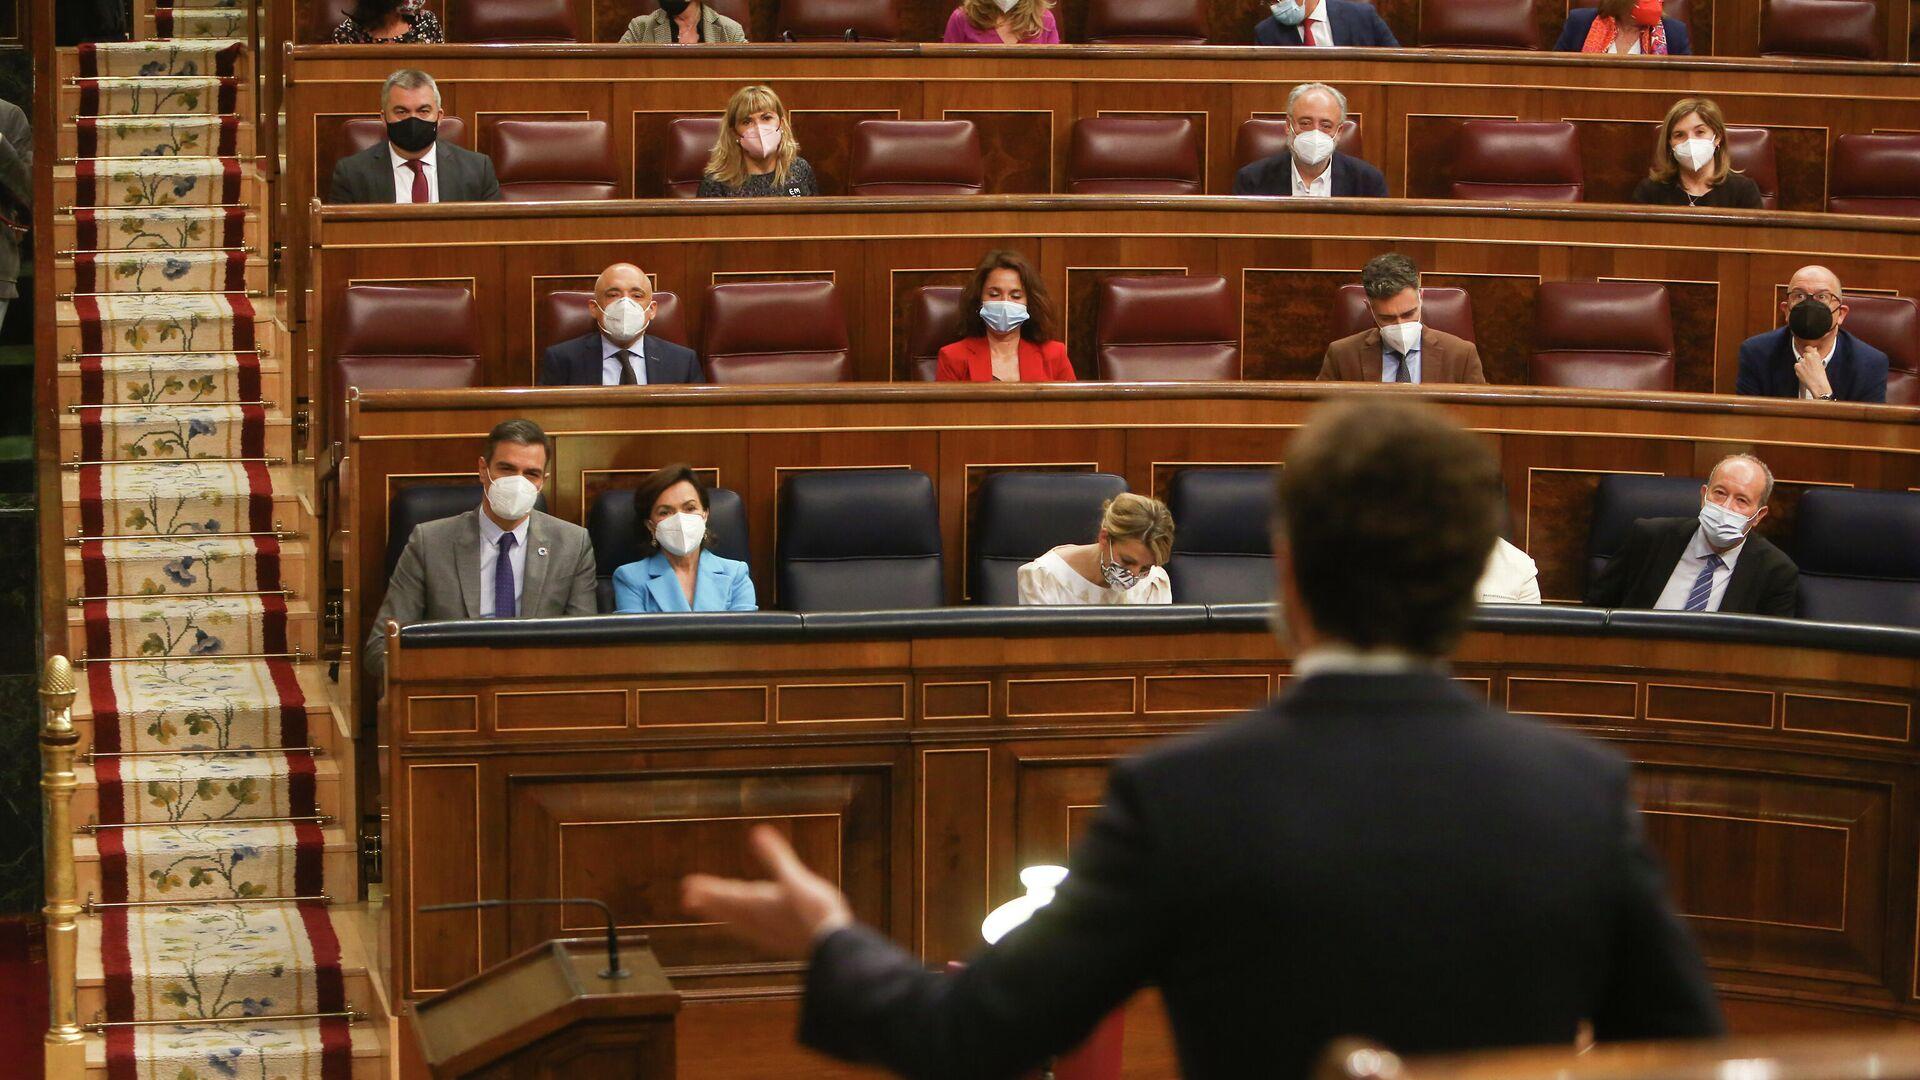 Pedro Sánchez observa a Pablo Casado durante la Sesión de Control al Gobierno en el Congreso de los Diputados - Sputnik Mundo, 1920, 14.10.2021